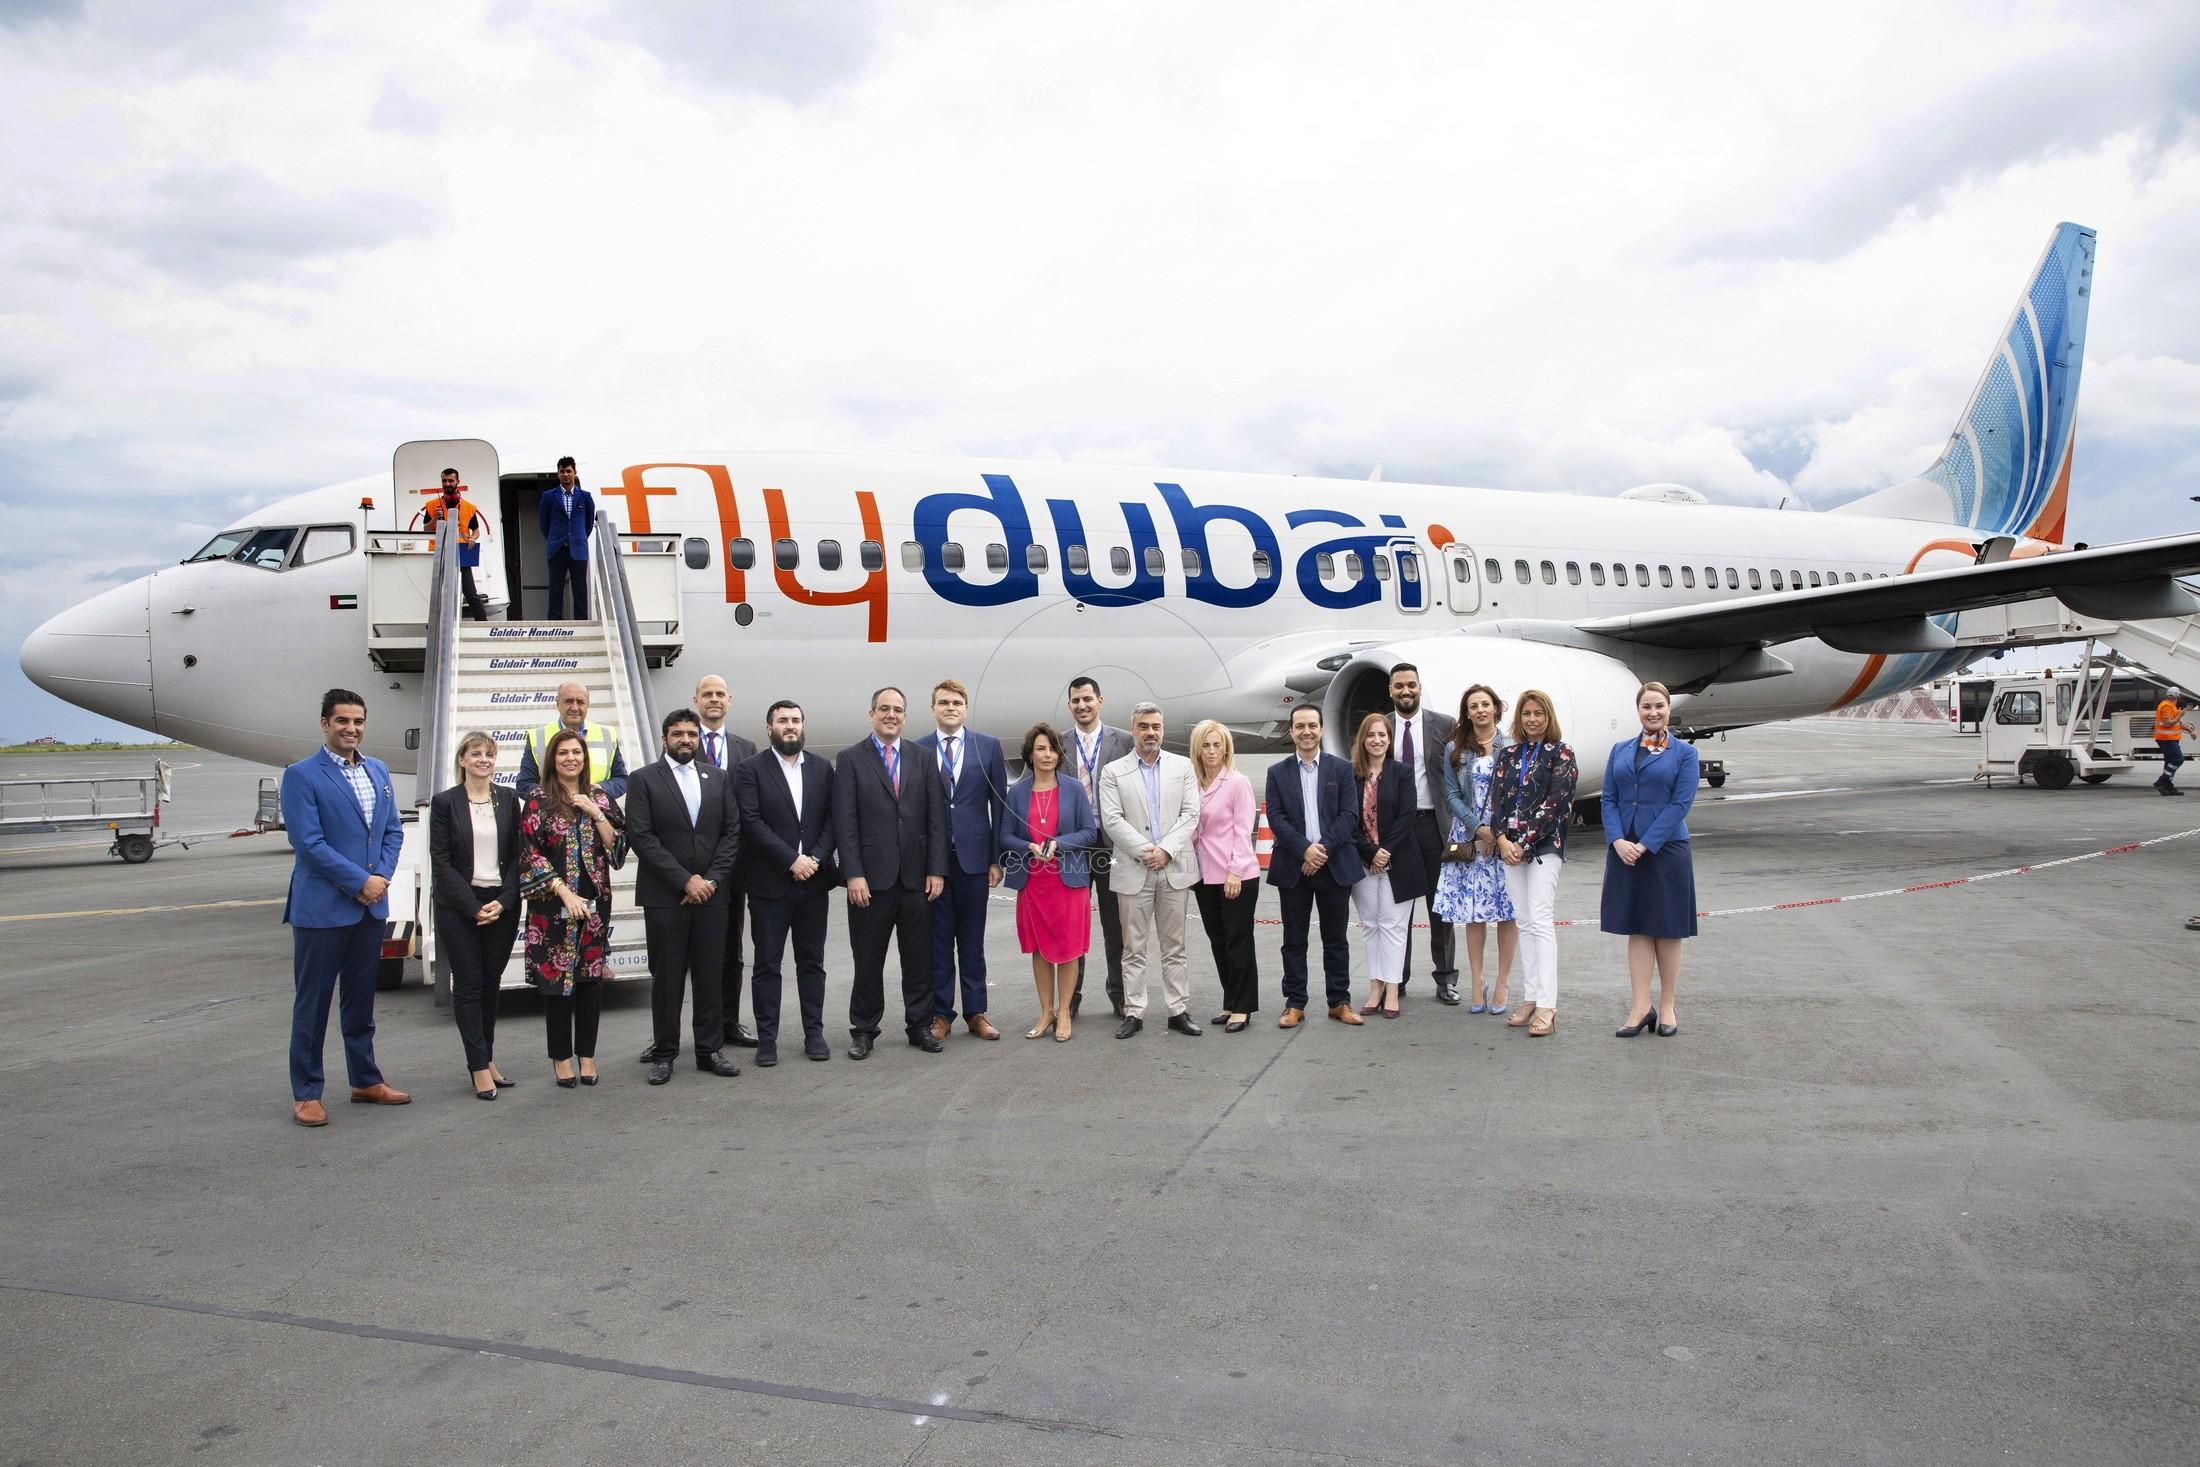 127 Οι εκπροσώποι της flydubai, Emirates & Fraport στην προσγείωση του 1ου αεροσκάφους της flydubai στο αεροδρόμιο της Θεσ-νίκης